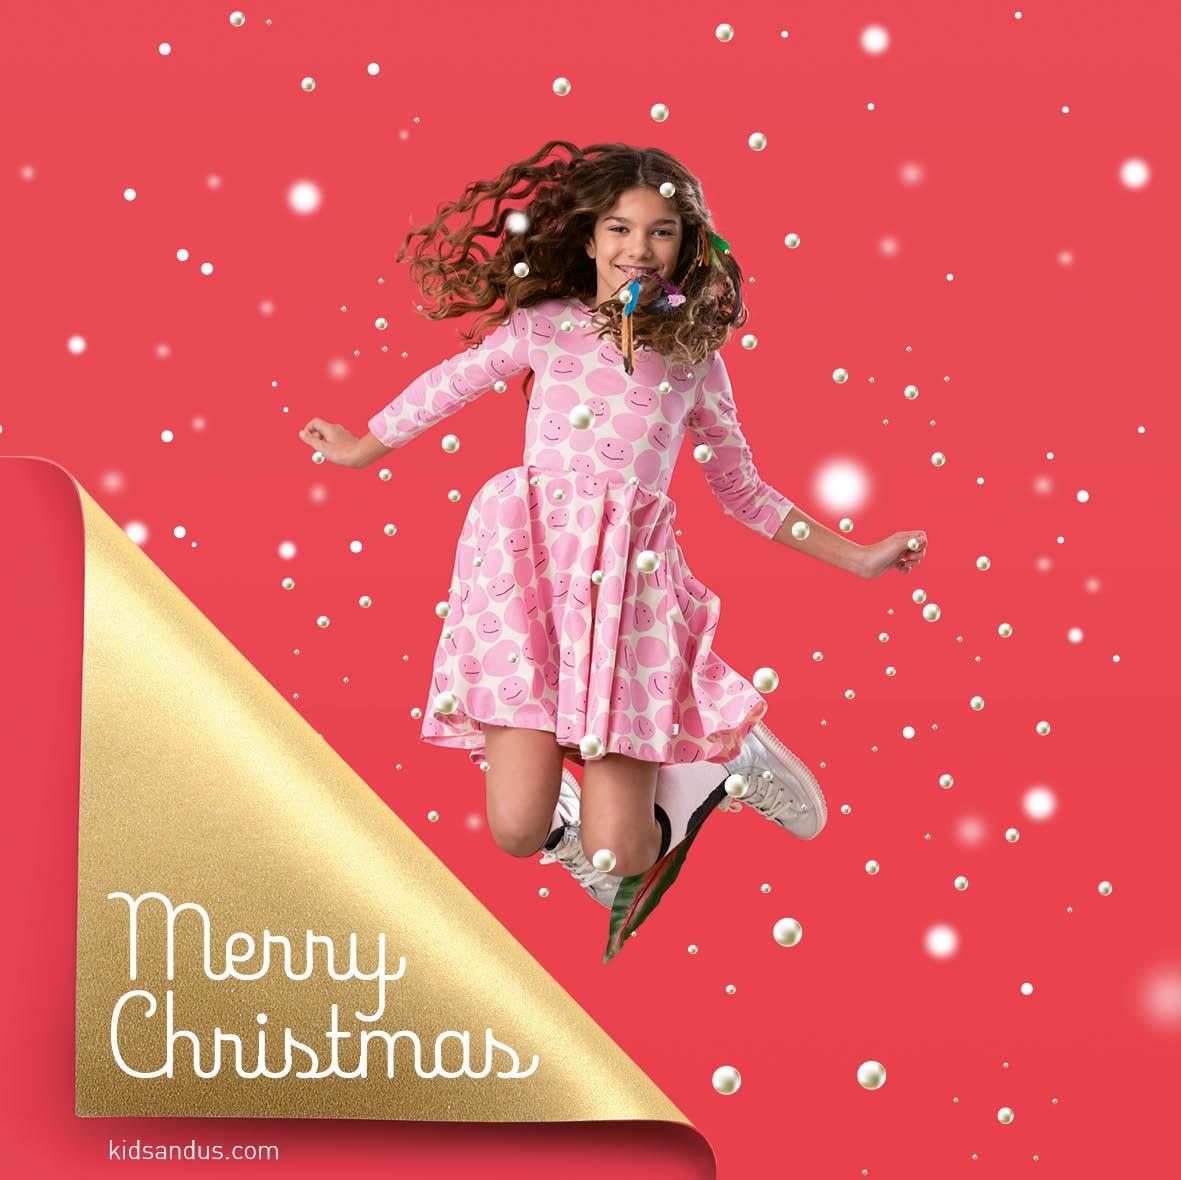 Tradiciones navideñas: ¿quién trae los regalos de Navidad a los niños y niñas en el mundo?